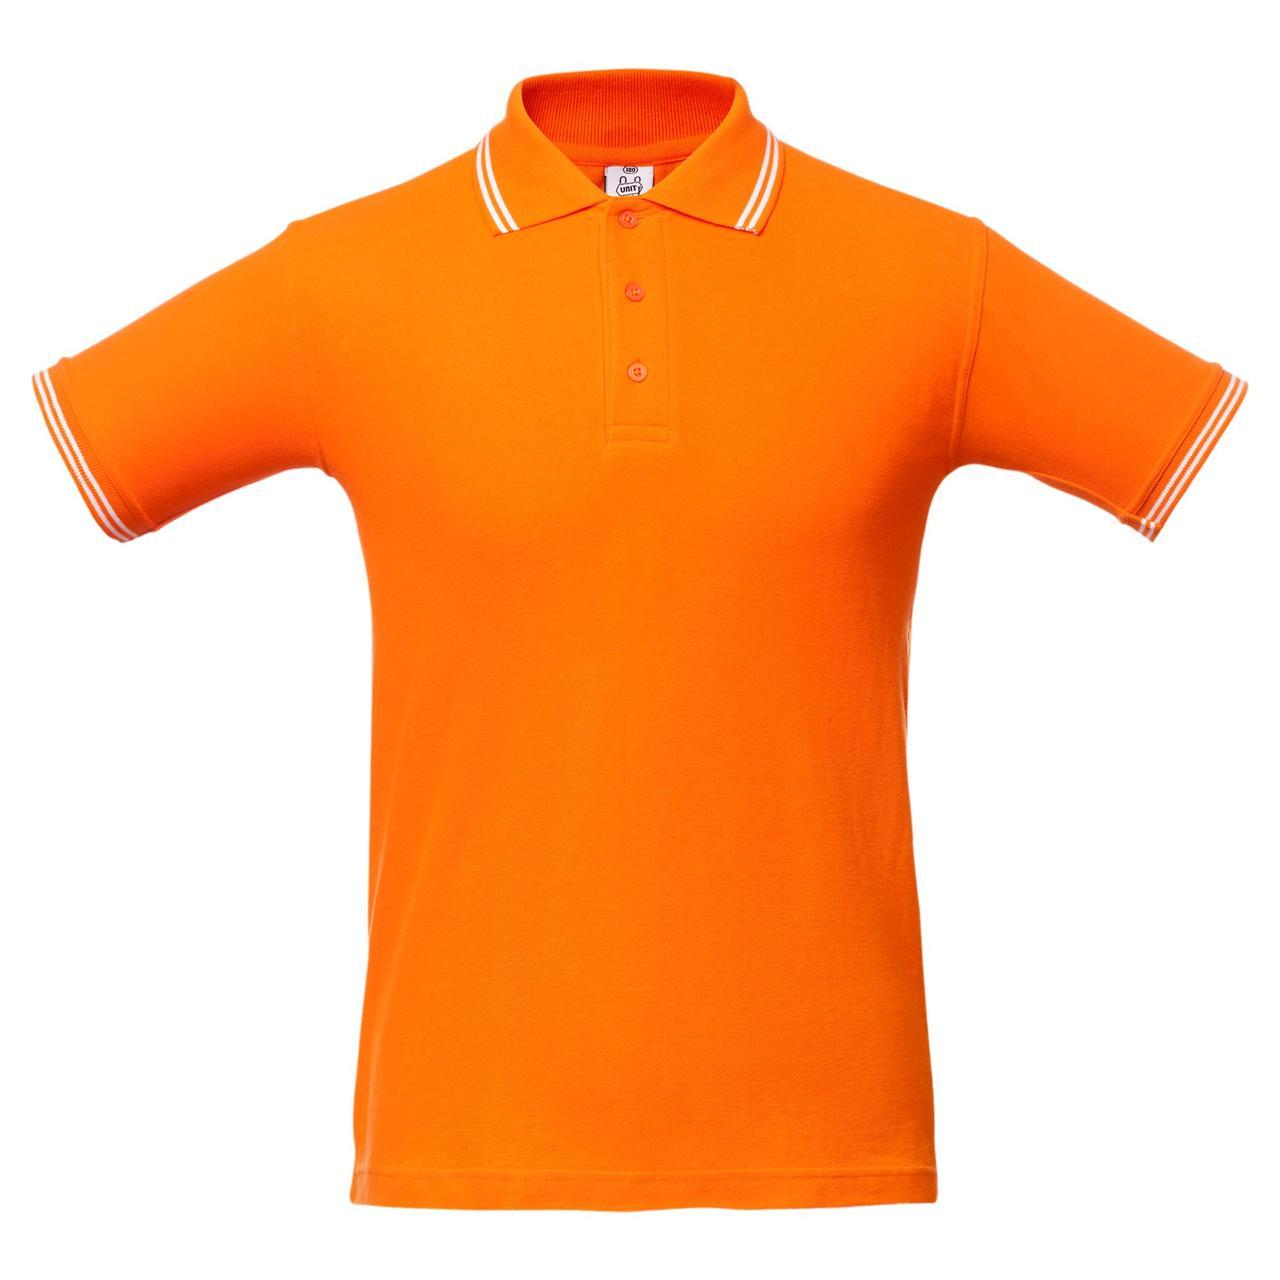 Рубашка поло Virma Stripes, оранжевая (артикул 1253.20)